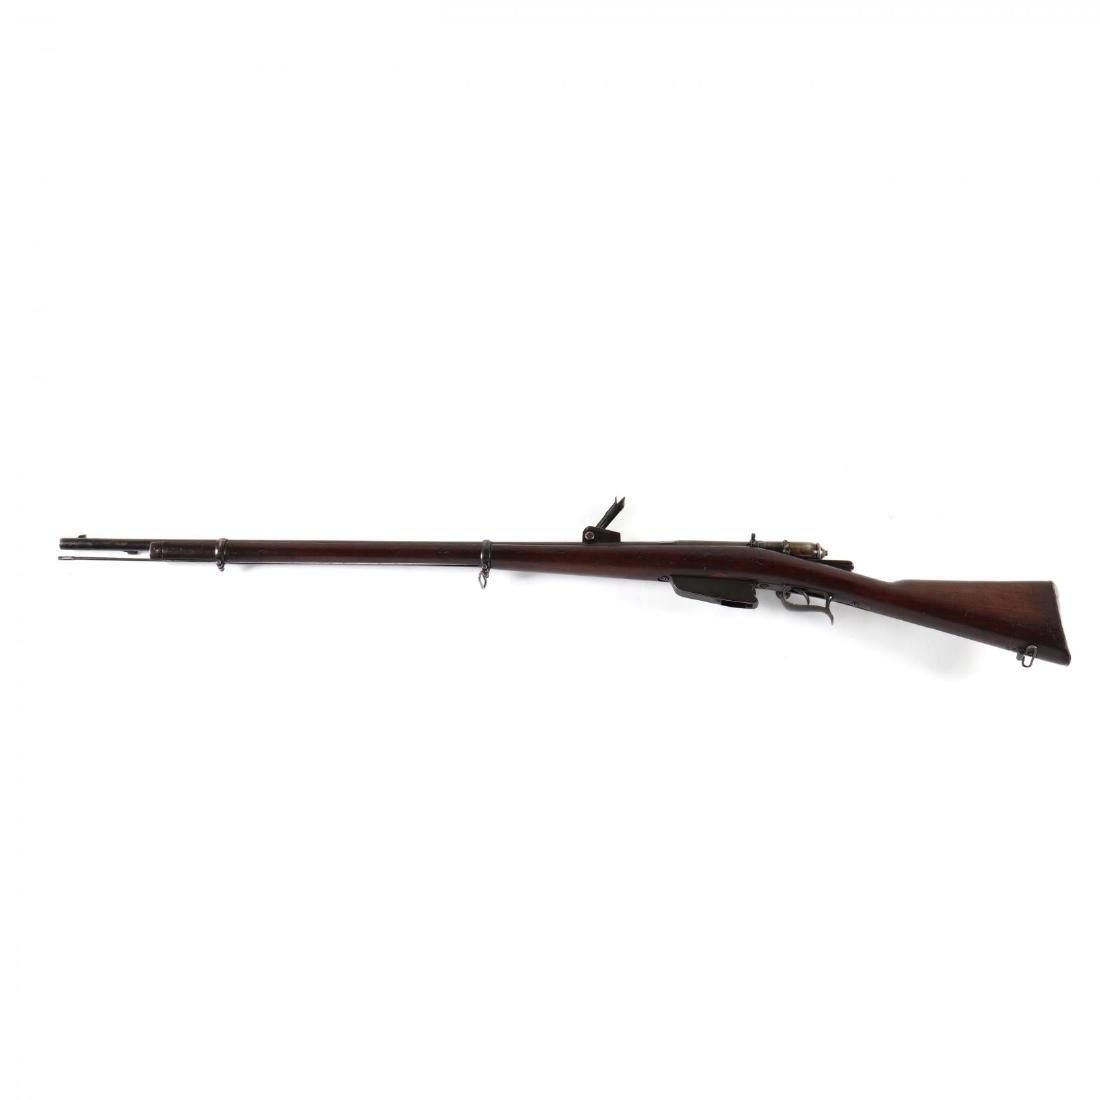 Vetterli Model 1870 Rifle - 7